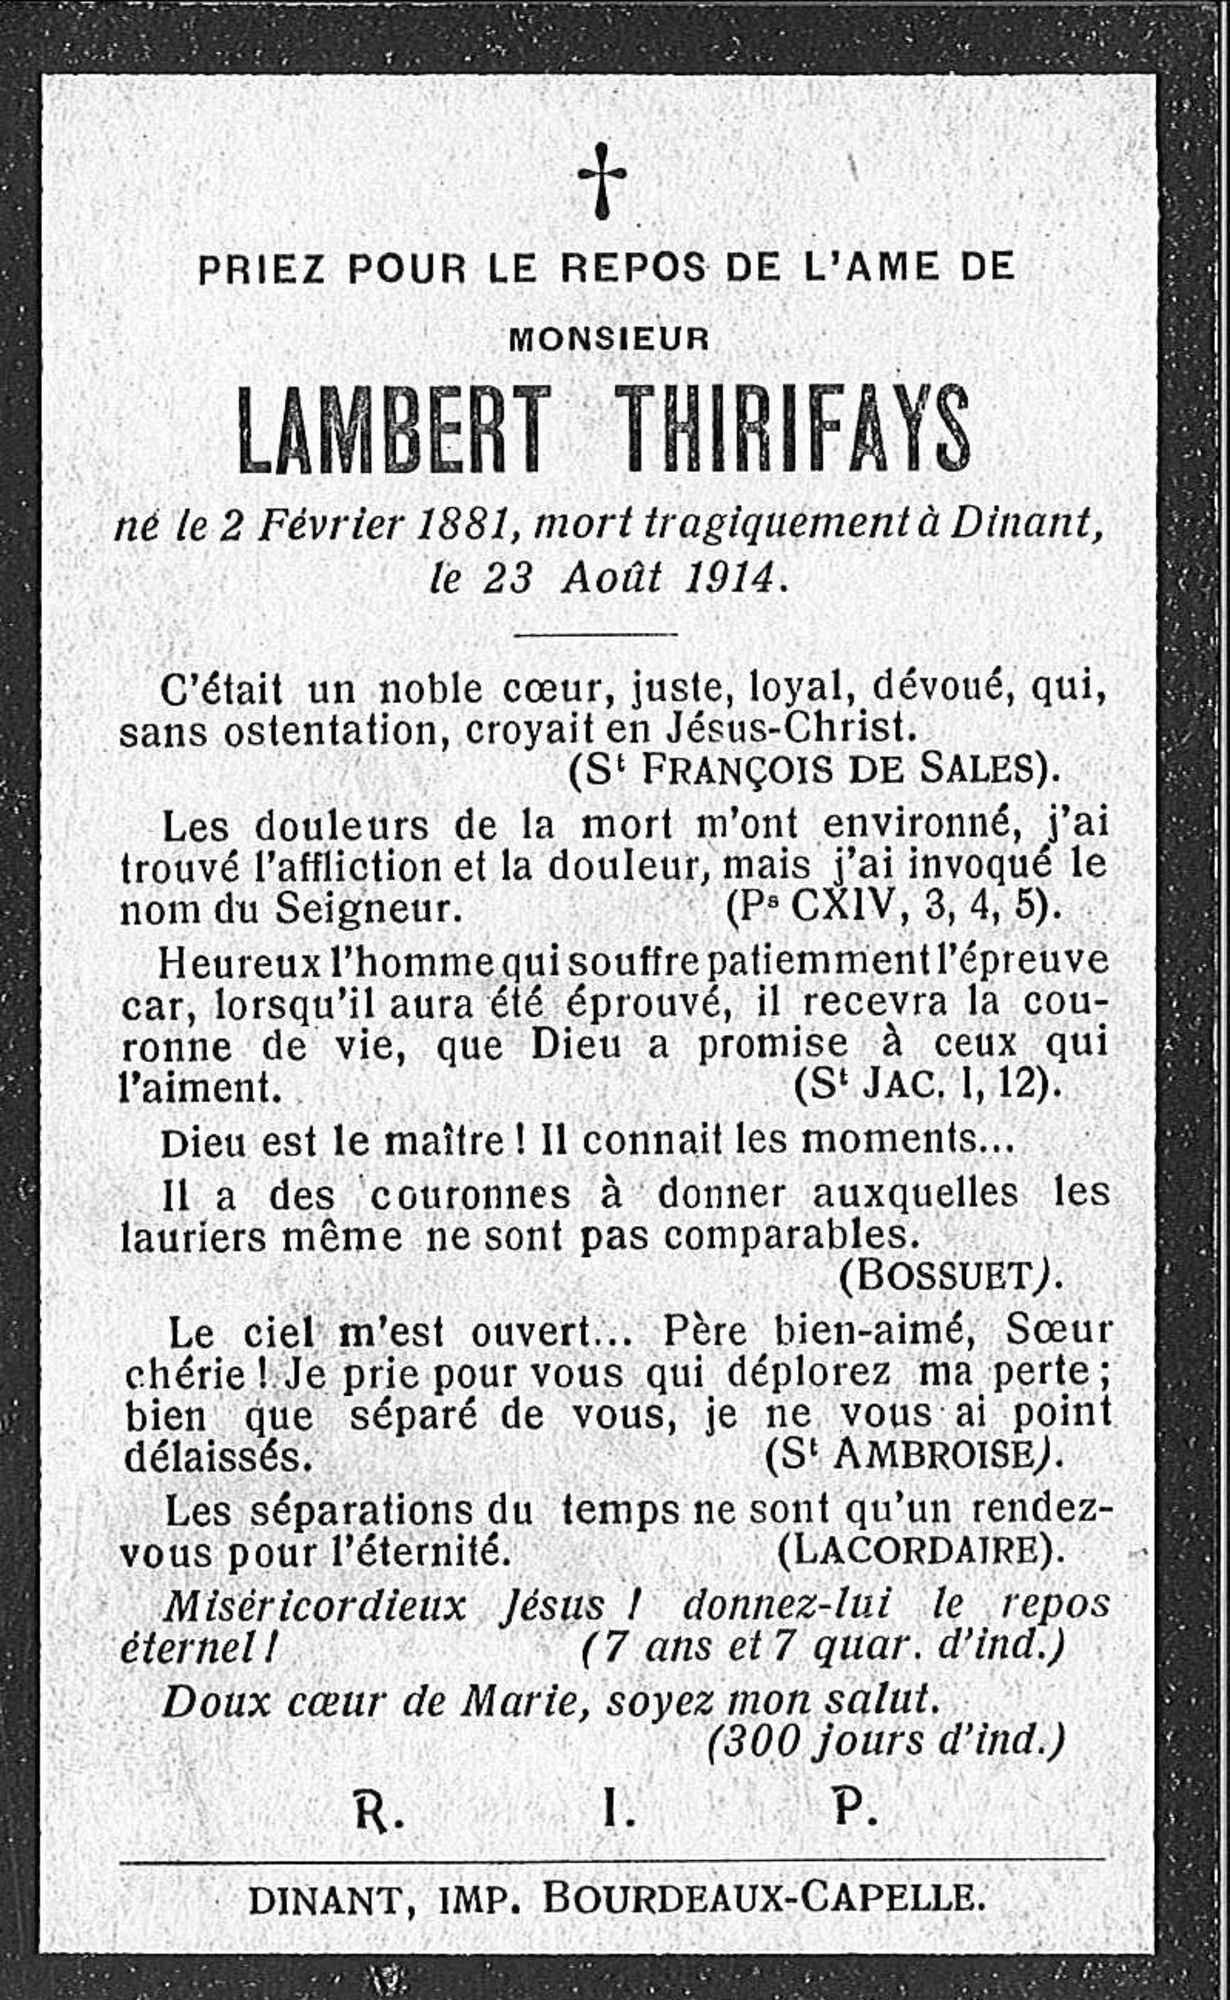 Lambert Thirifays